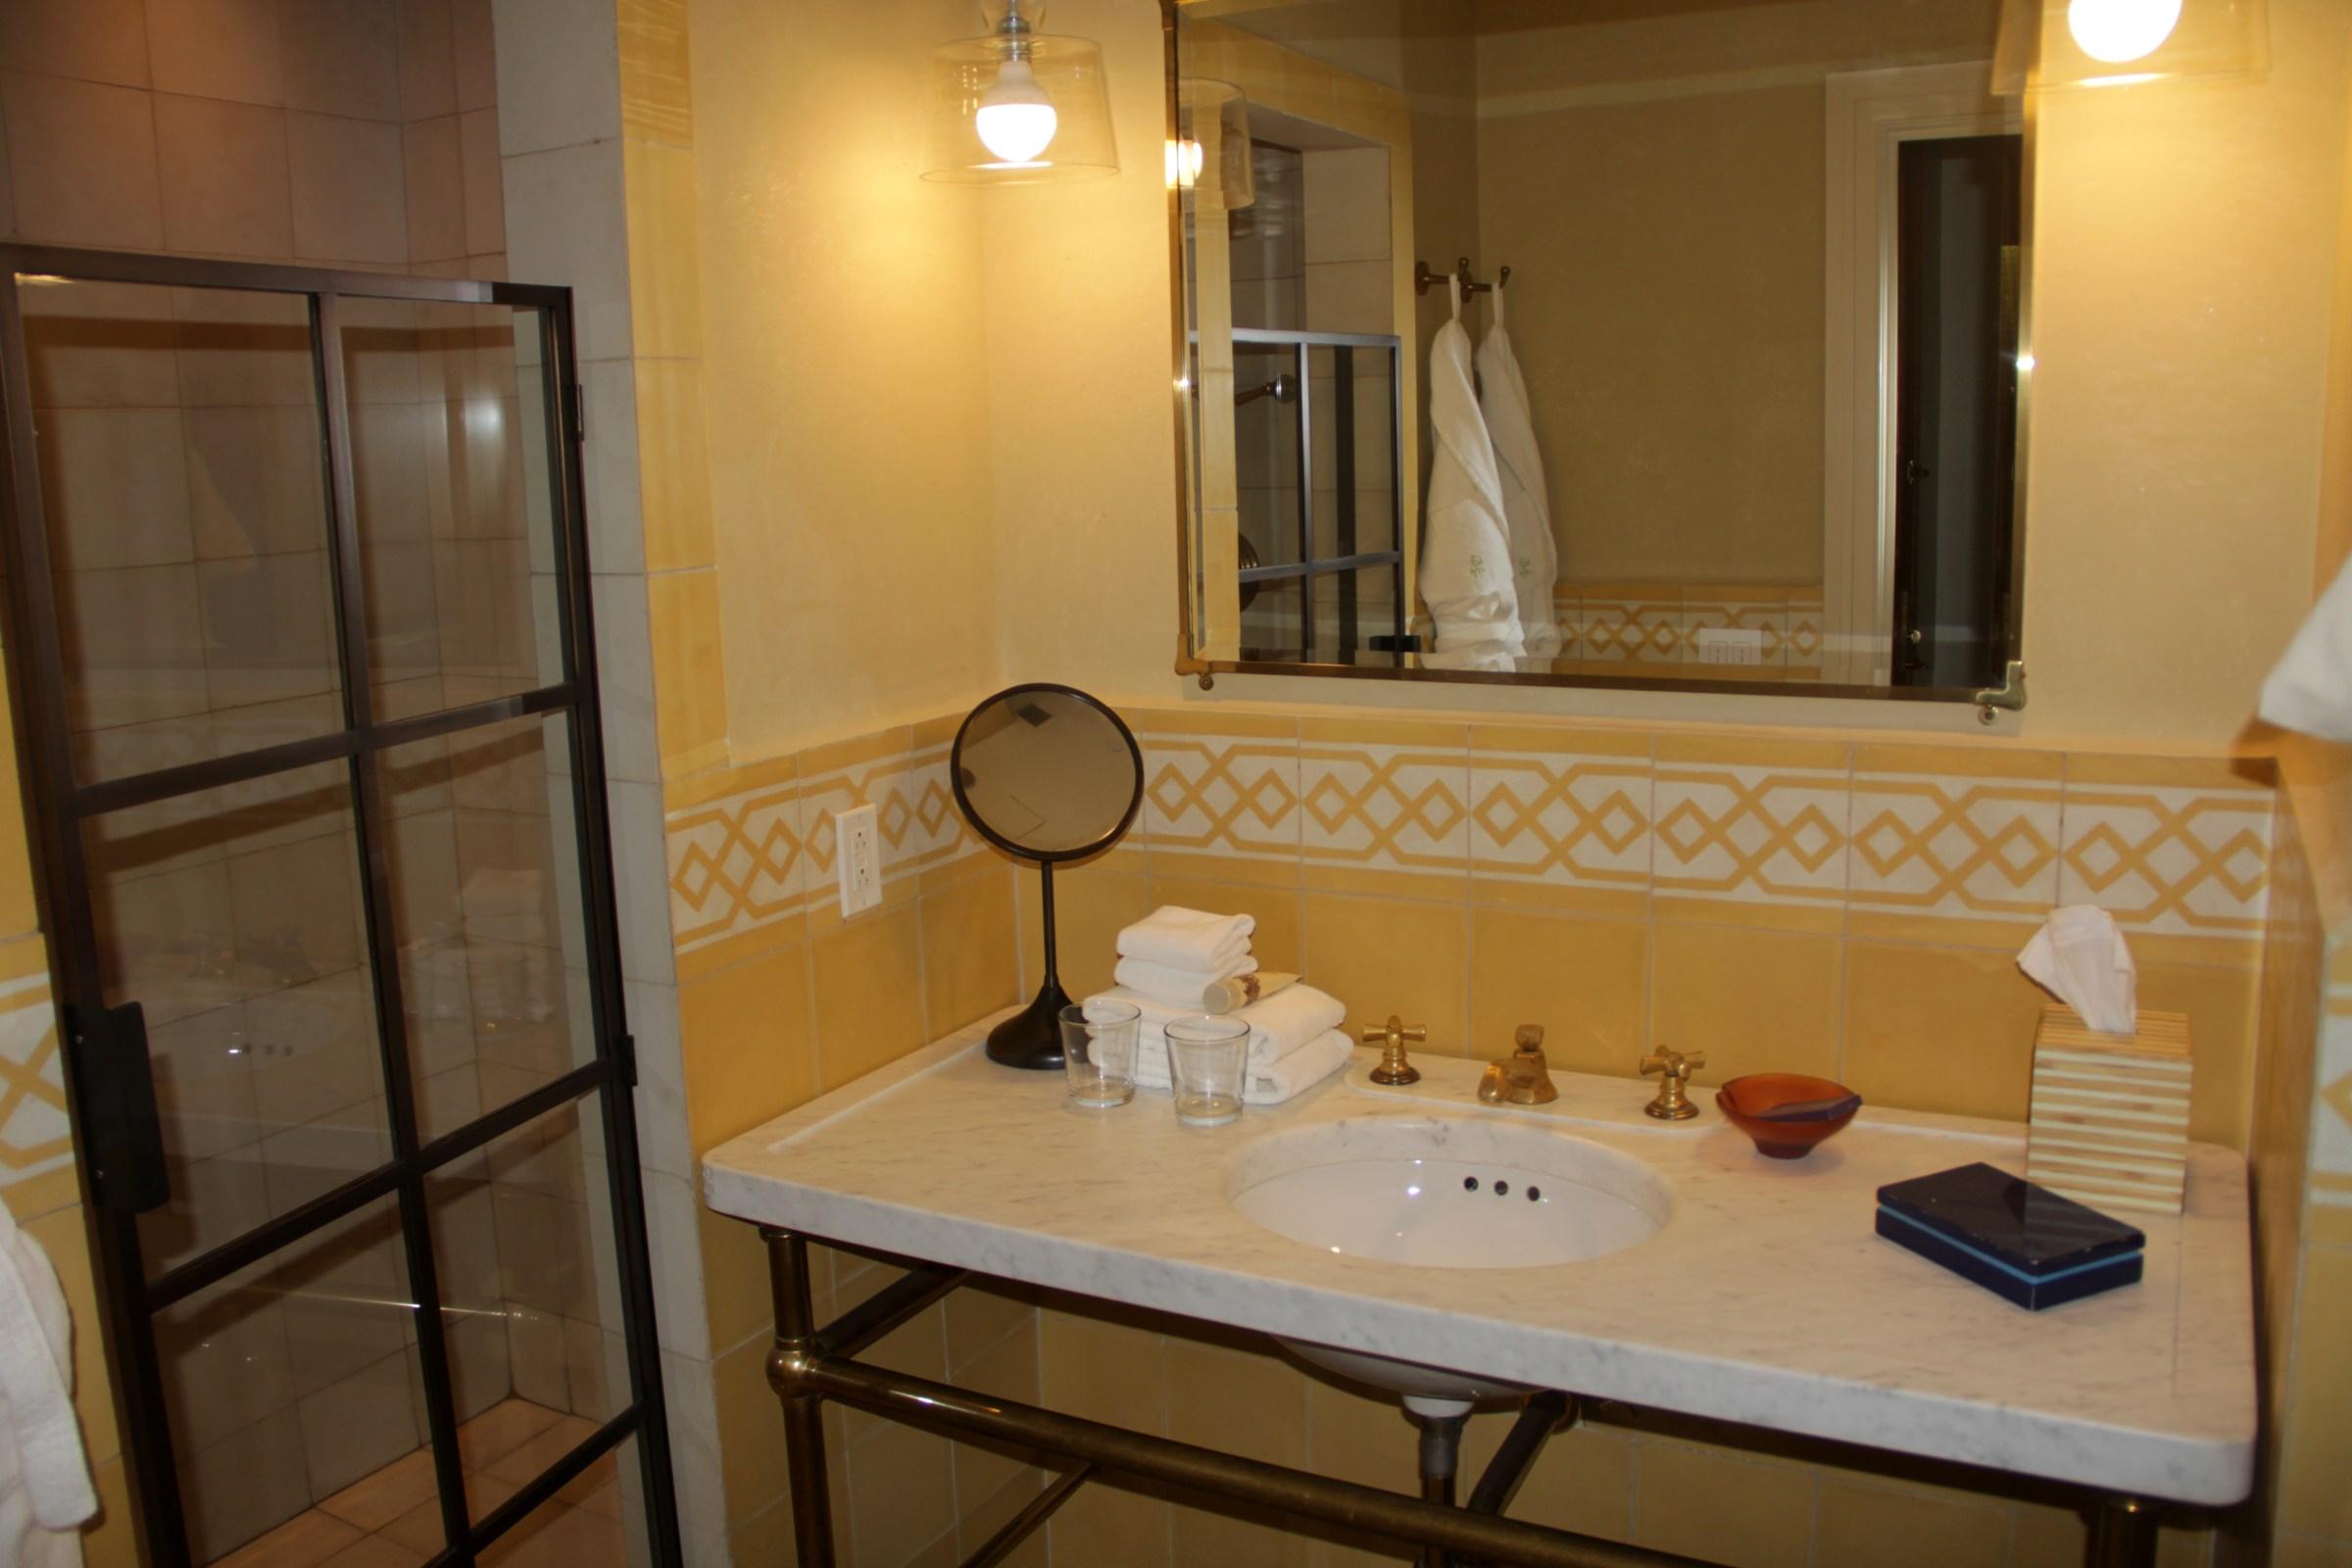 The Greenwich New York Bathroom